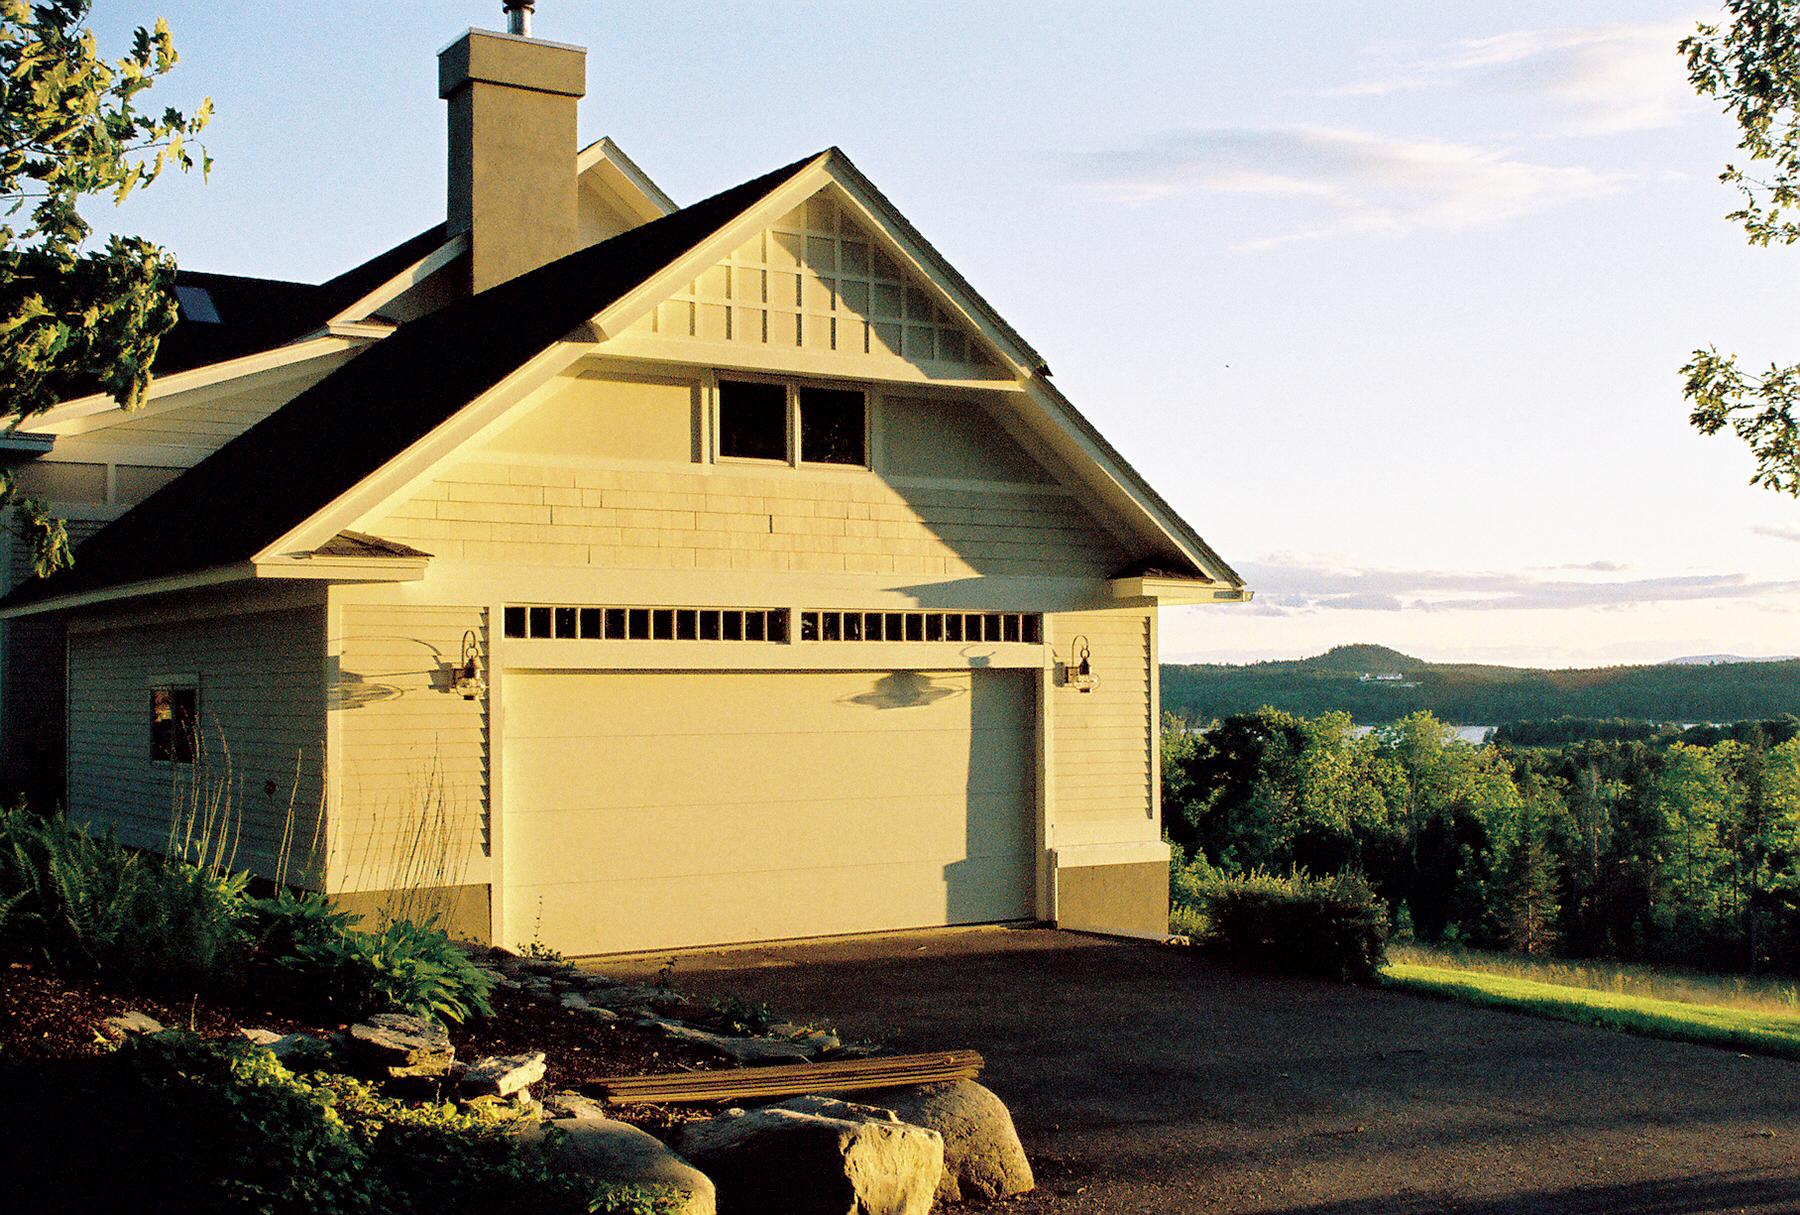 Garage Penobscot Bay Summer Home